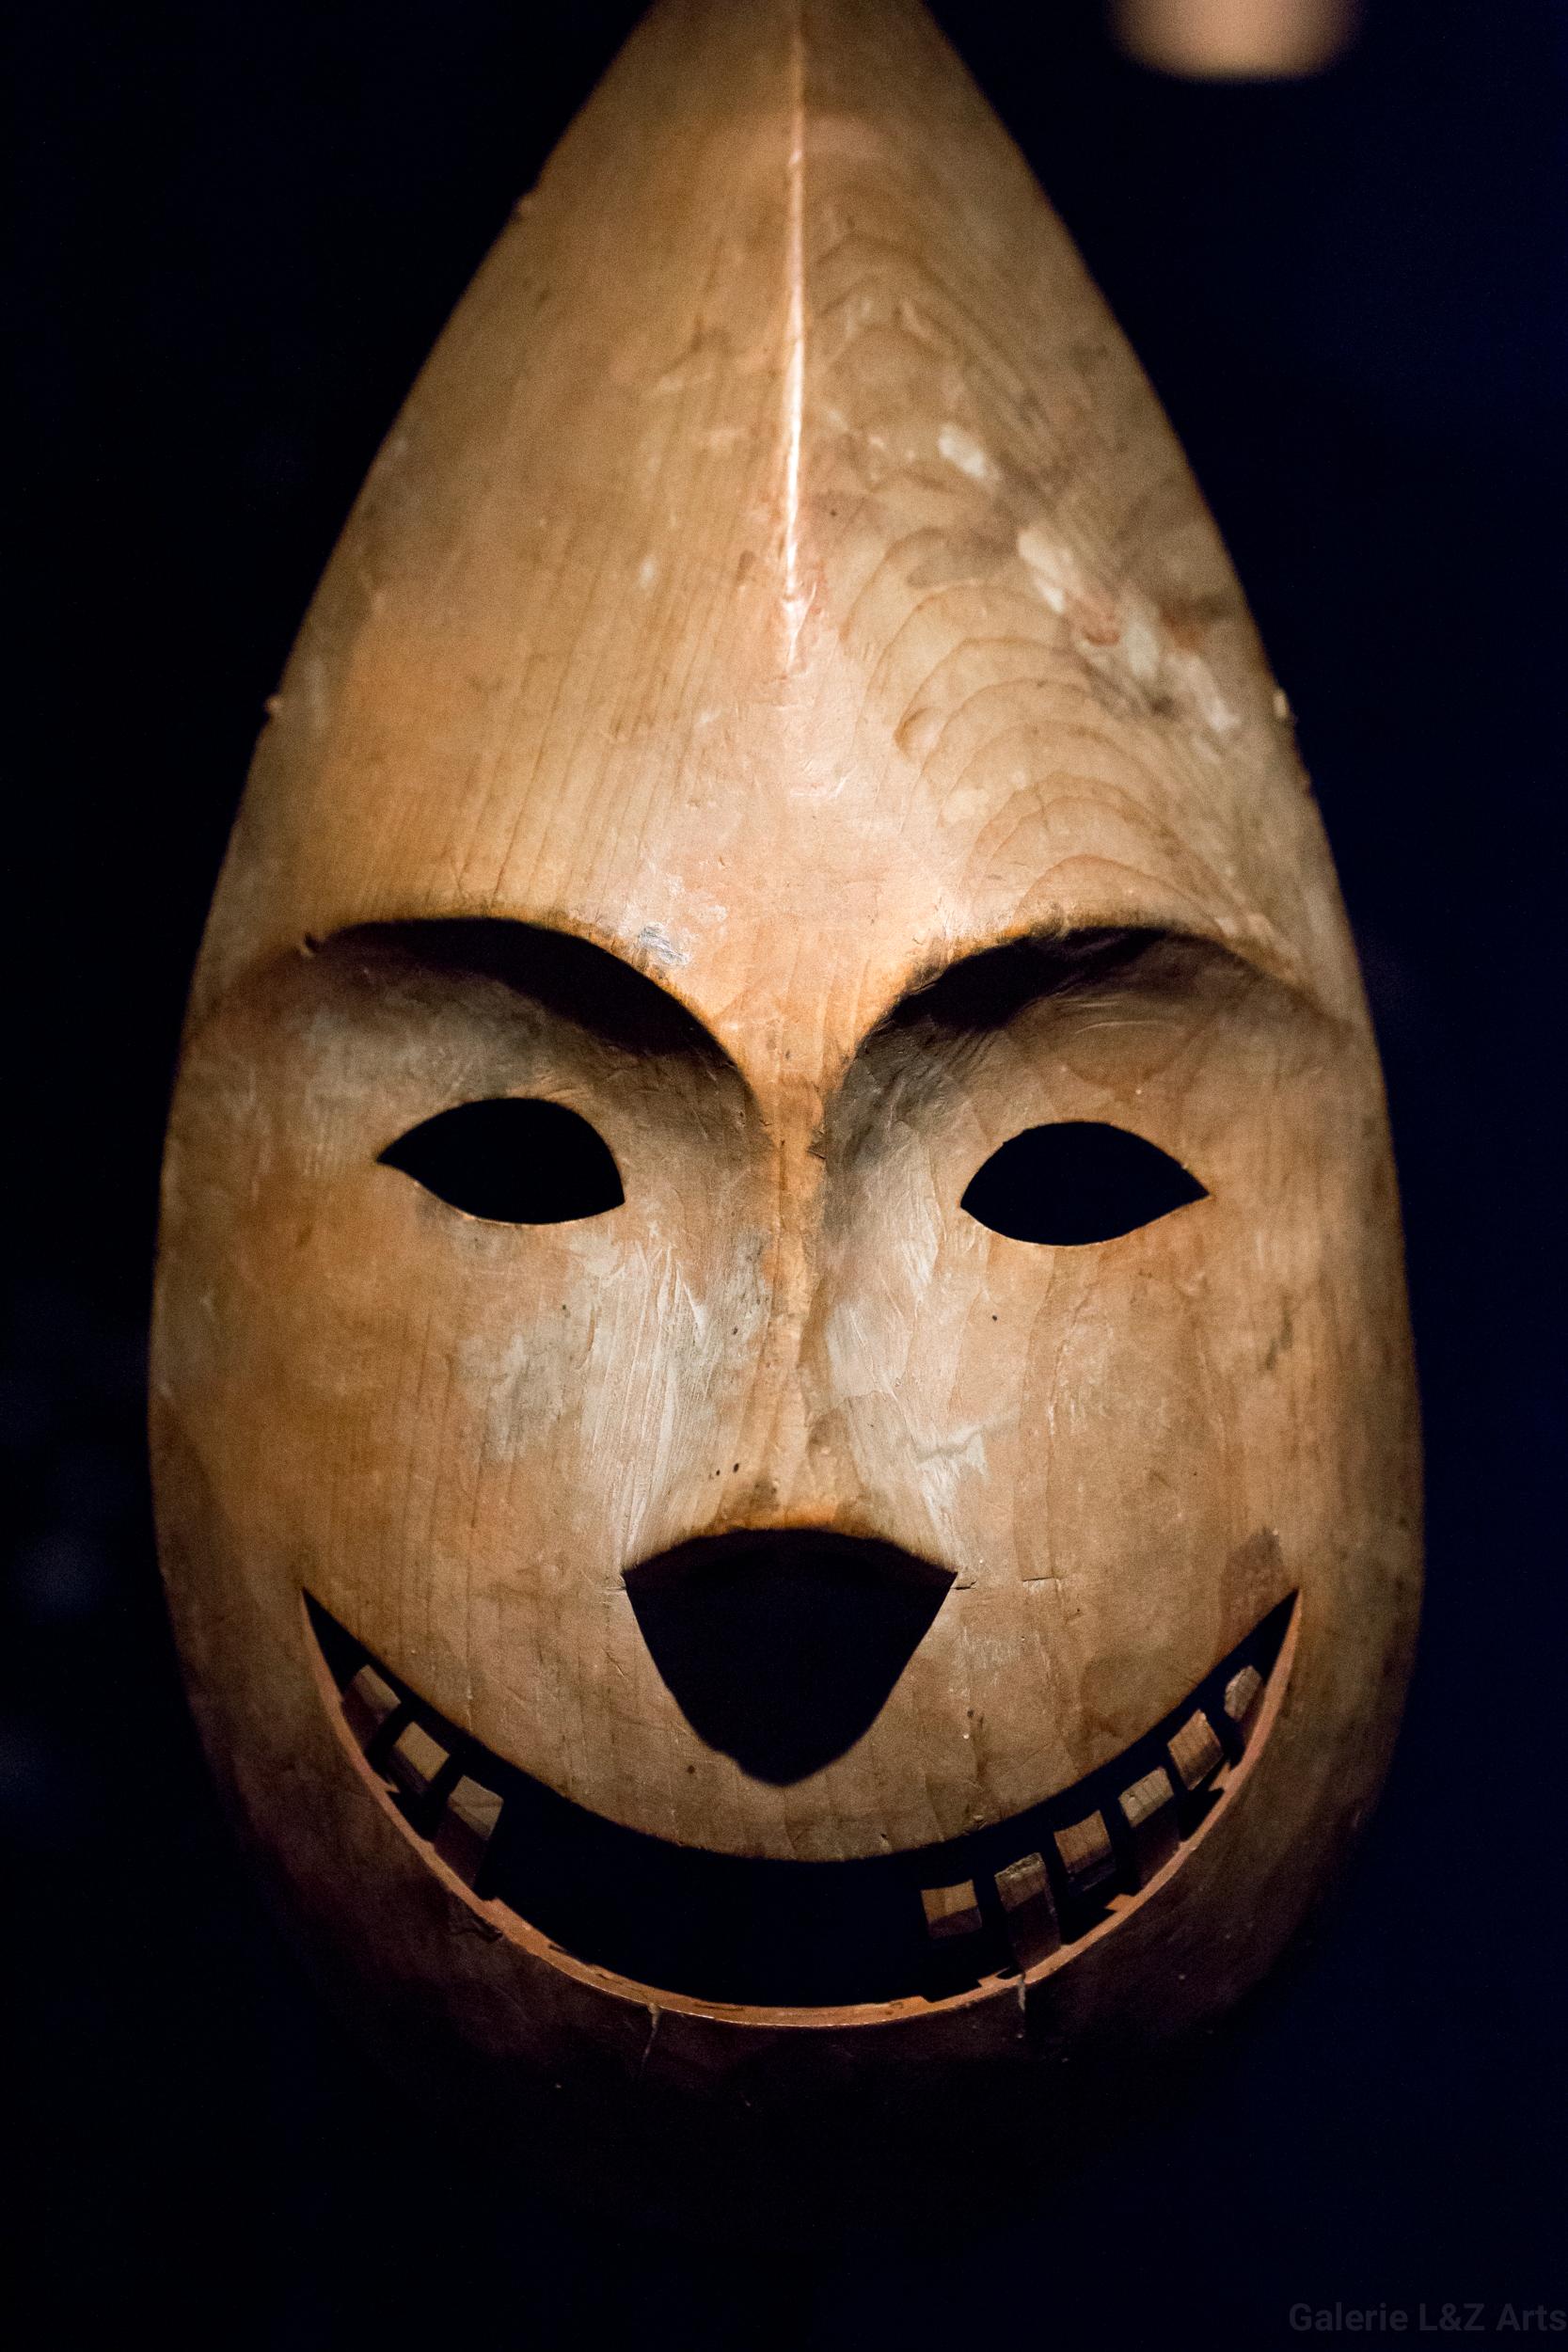 exposition-masque-art-tribal-africain-musee-quai-branly-belgique-galerie-lz-arts-liege-cite-miroir-oceanie-asie-japon-amerique-art-premier-nepal-0-1.jpg